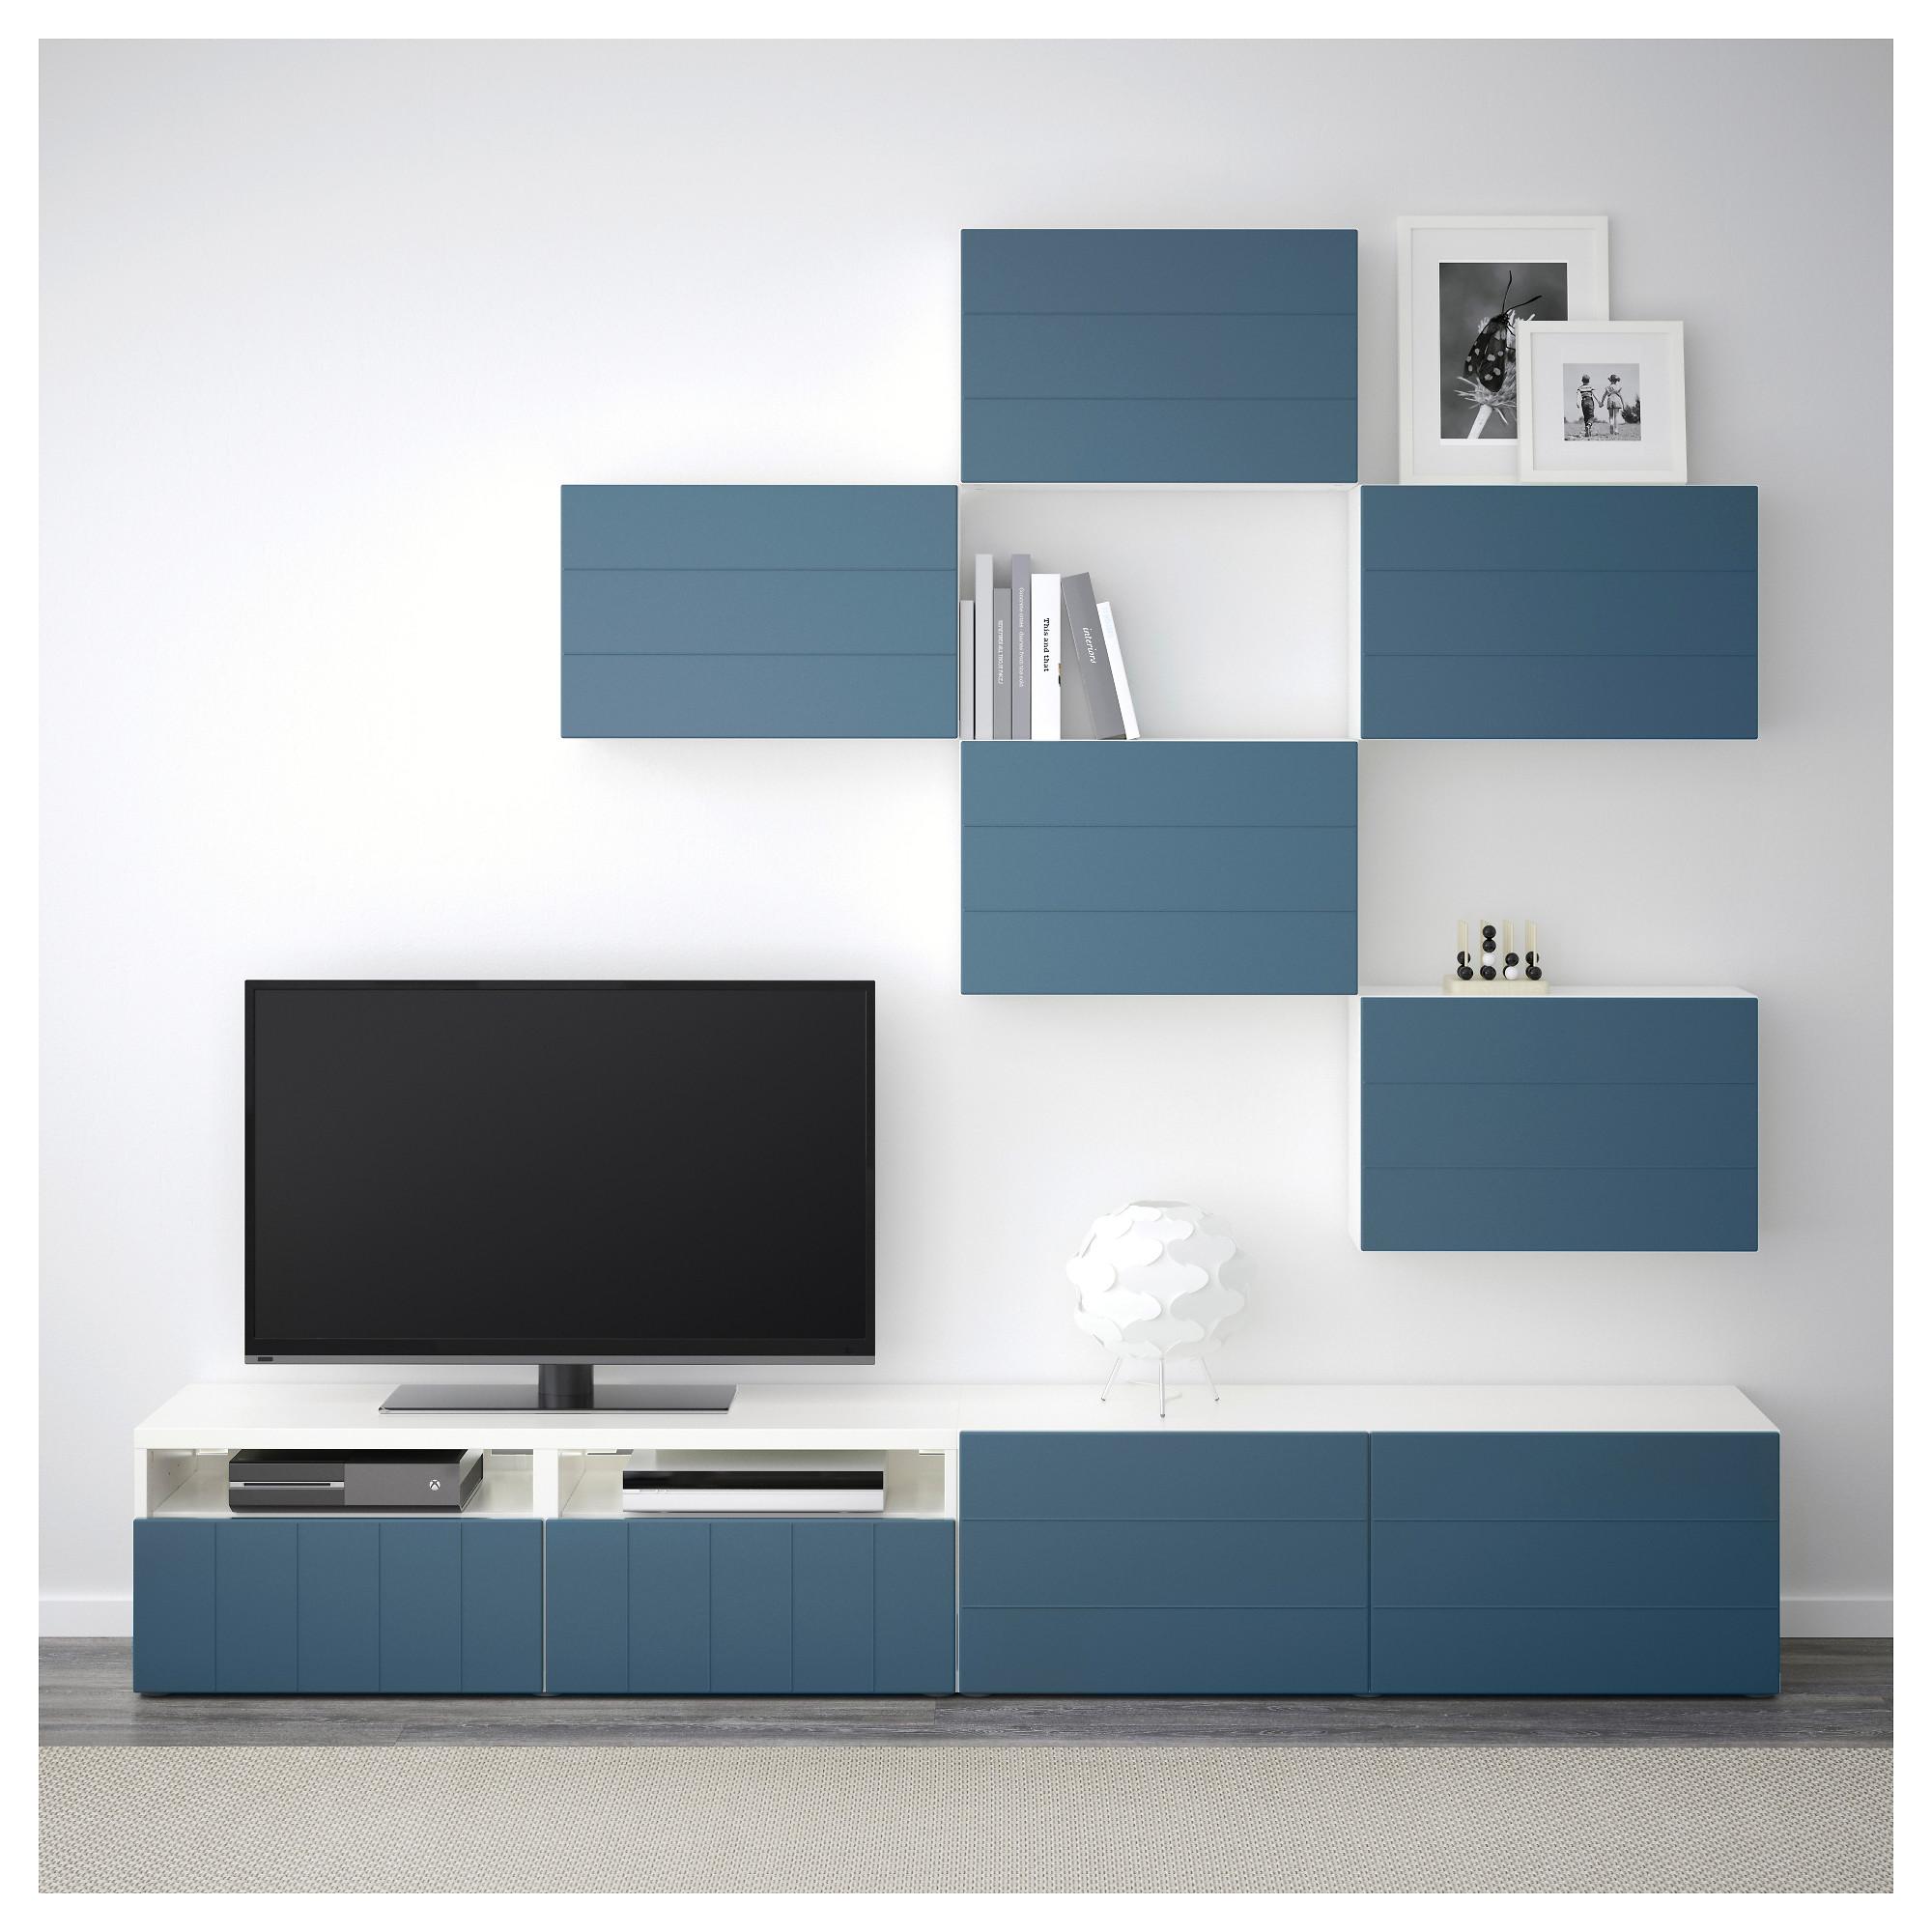 Шкаф для ТВ, комбинация БЕСТО темно-синий артикуль № 892.761.23 в наличии. Online магазин IKEA Республика Беларусь. Быстрая доставка и установка.